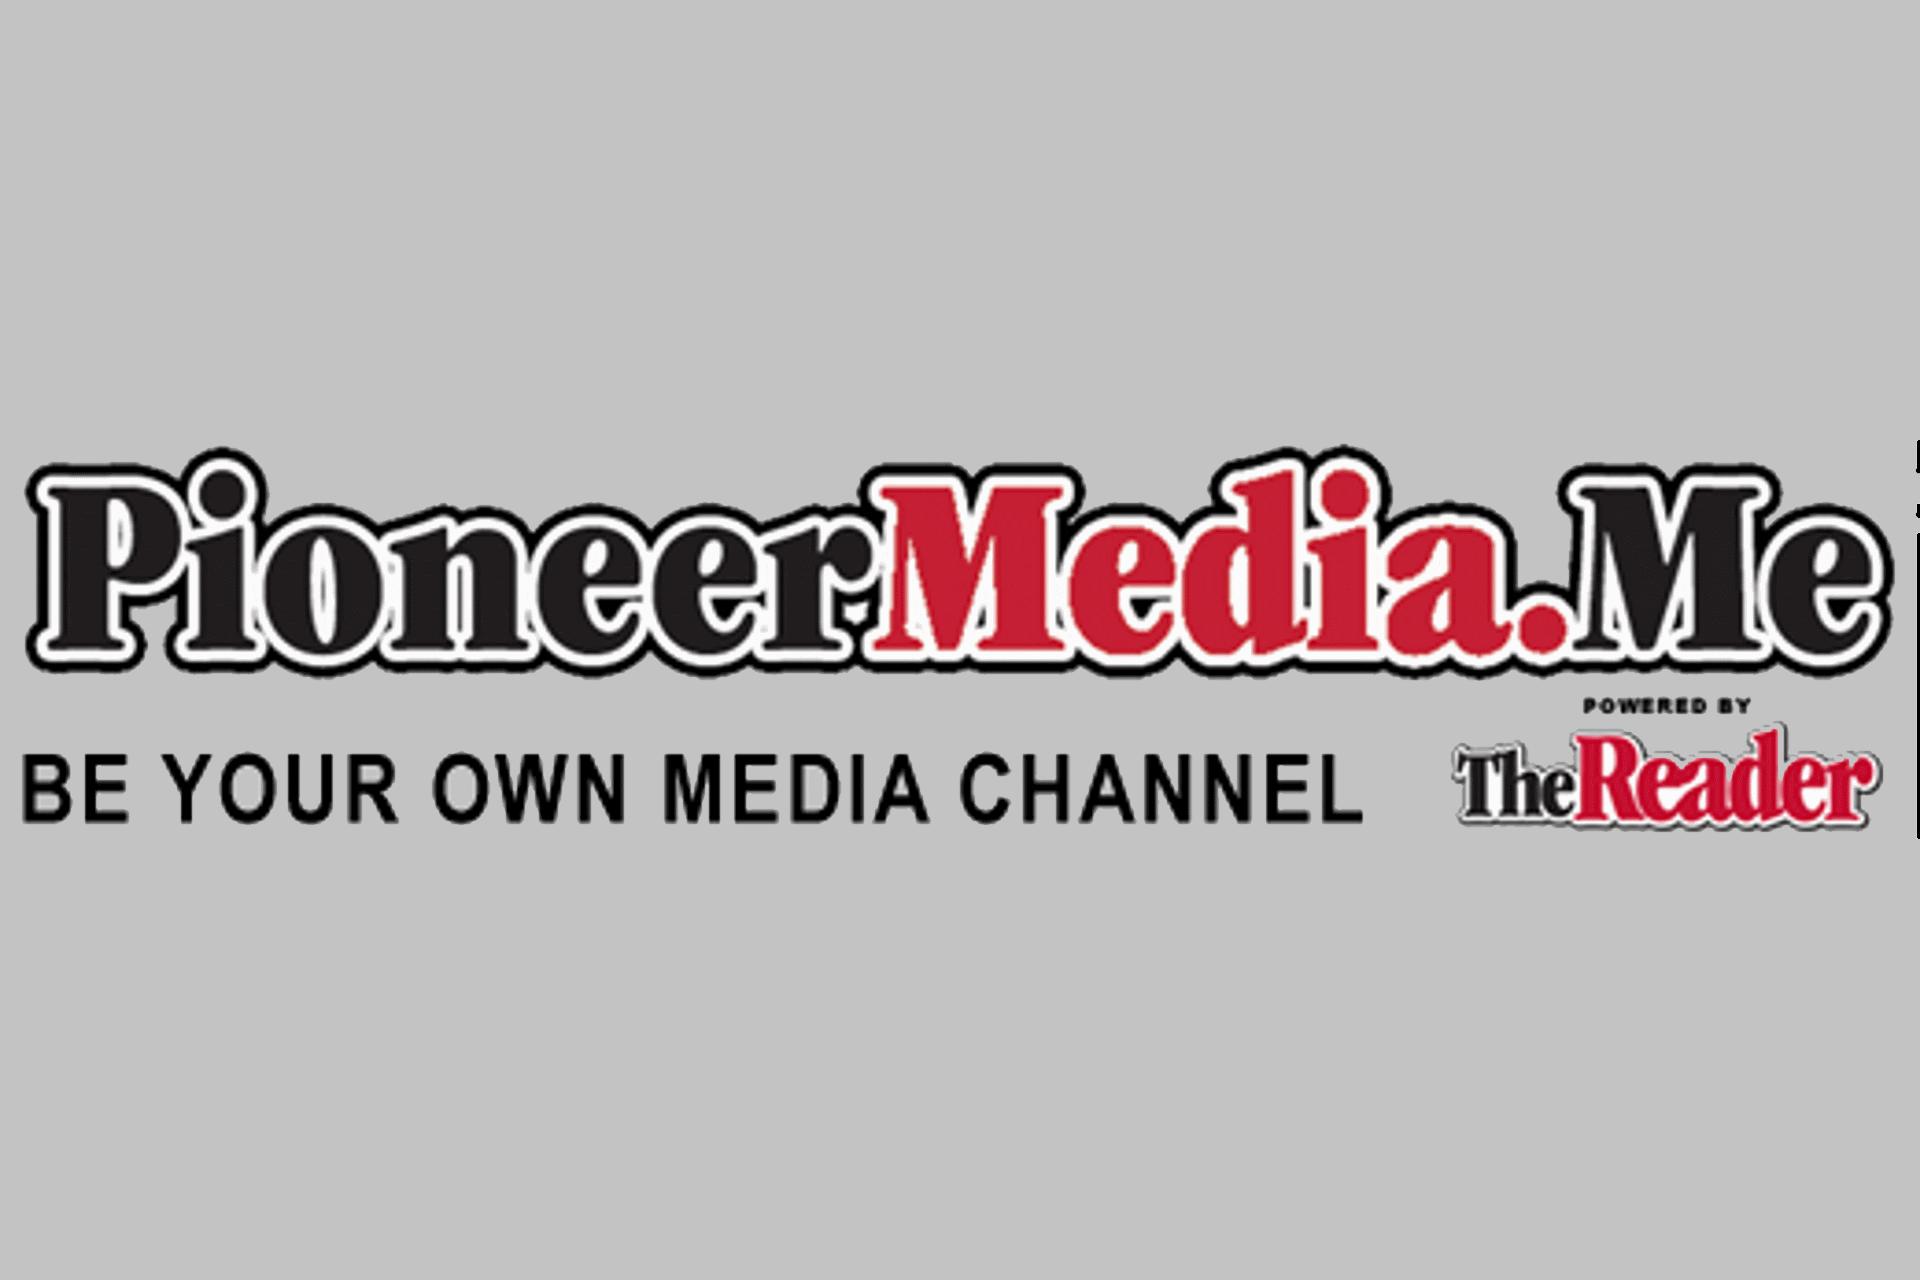 Pioneer Media